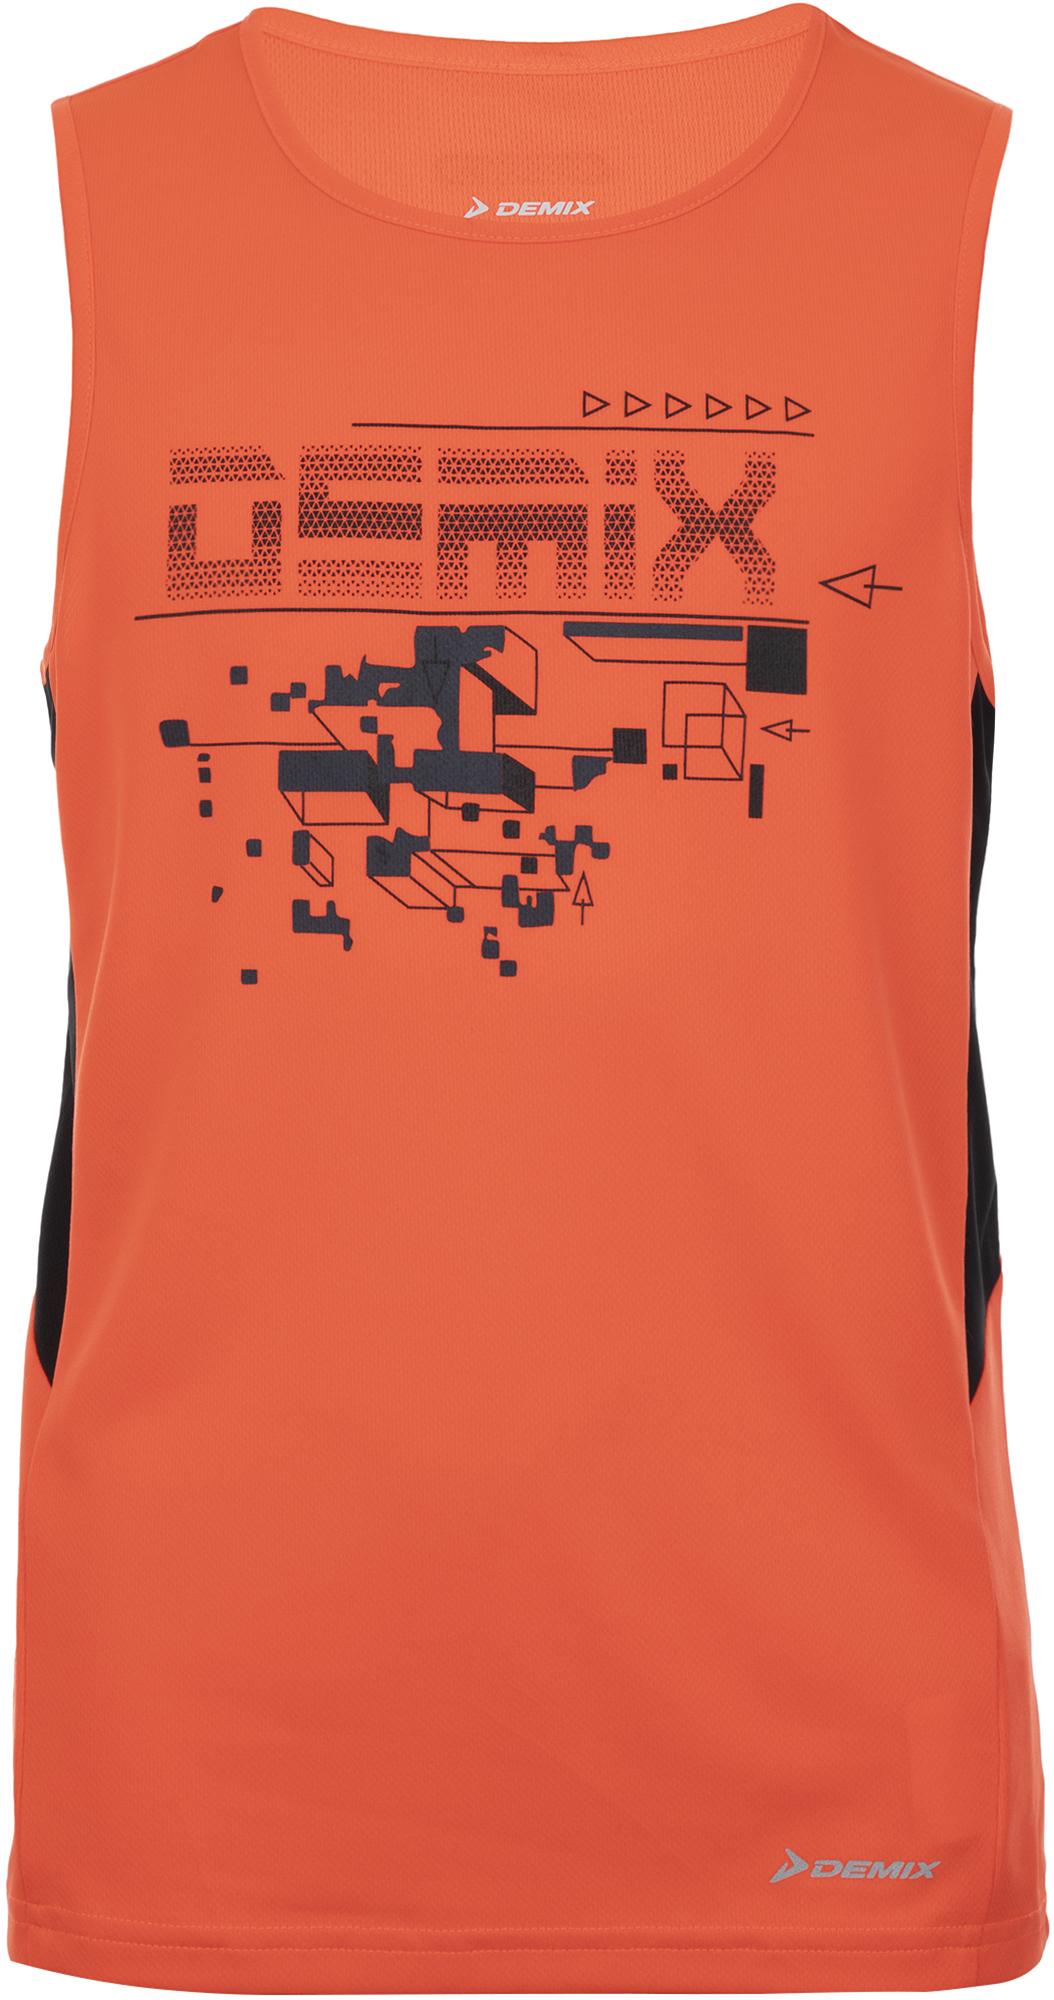 Demix Футболка без рукавов для мальчиков Demix, размер 170